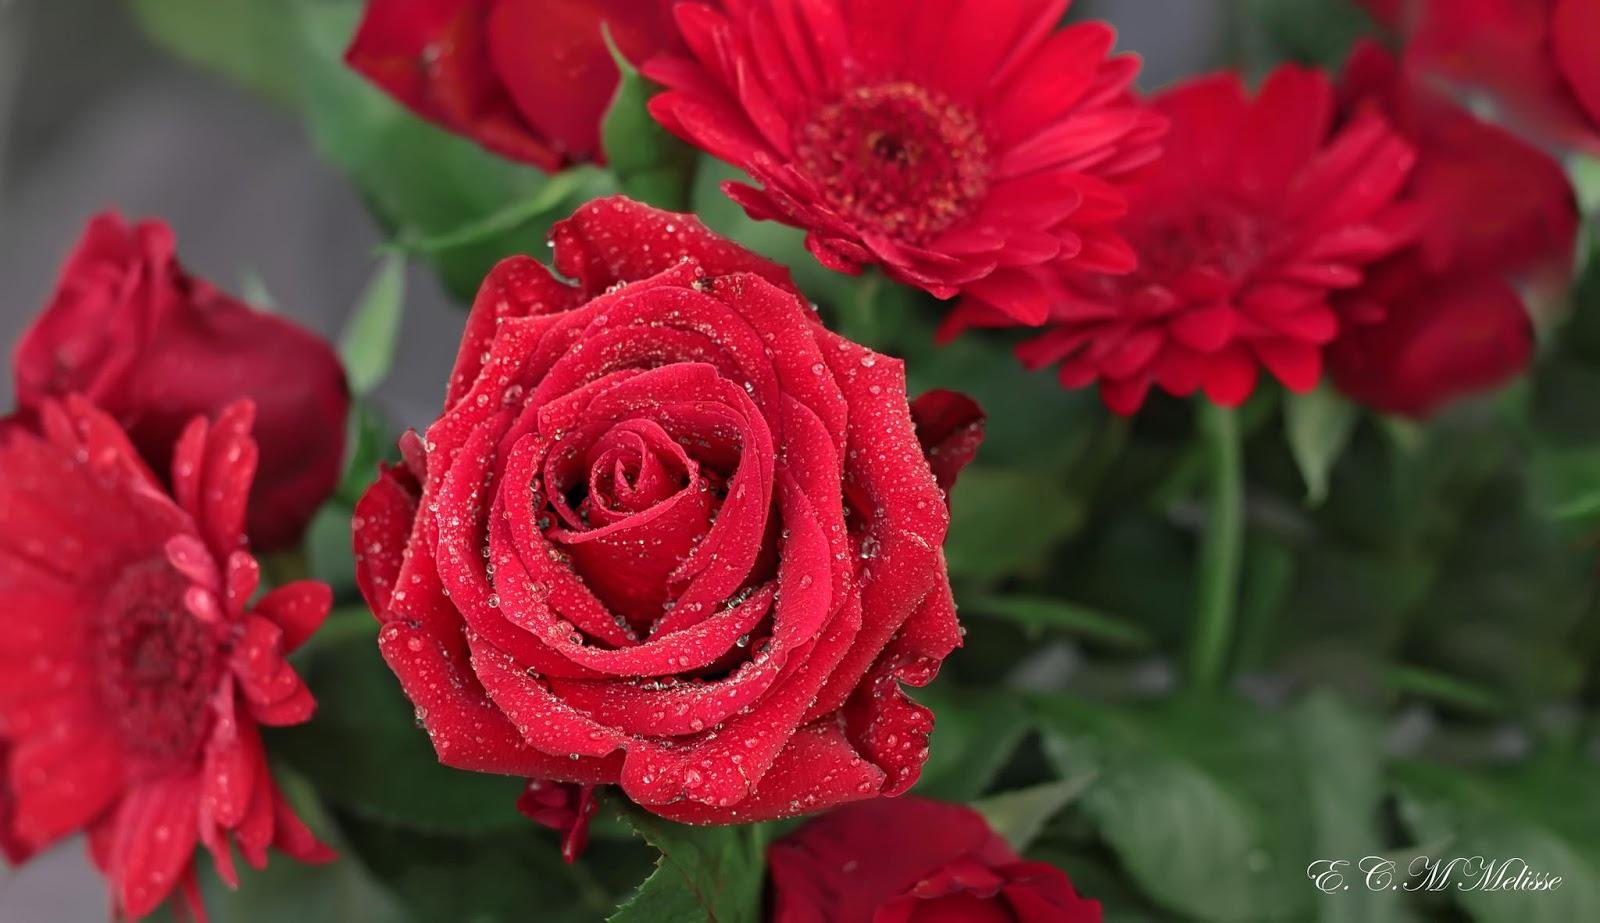 La Fleur Floreria - Envio el mismo dia: Arreglos de Flores